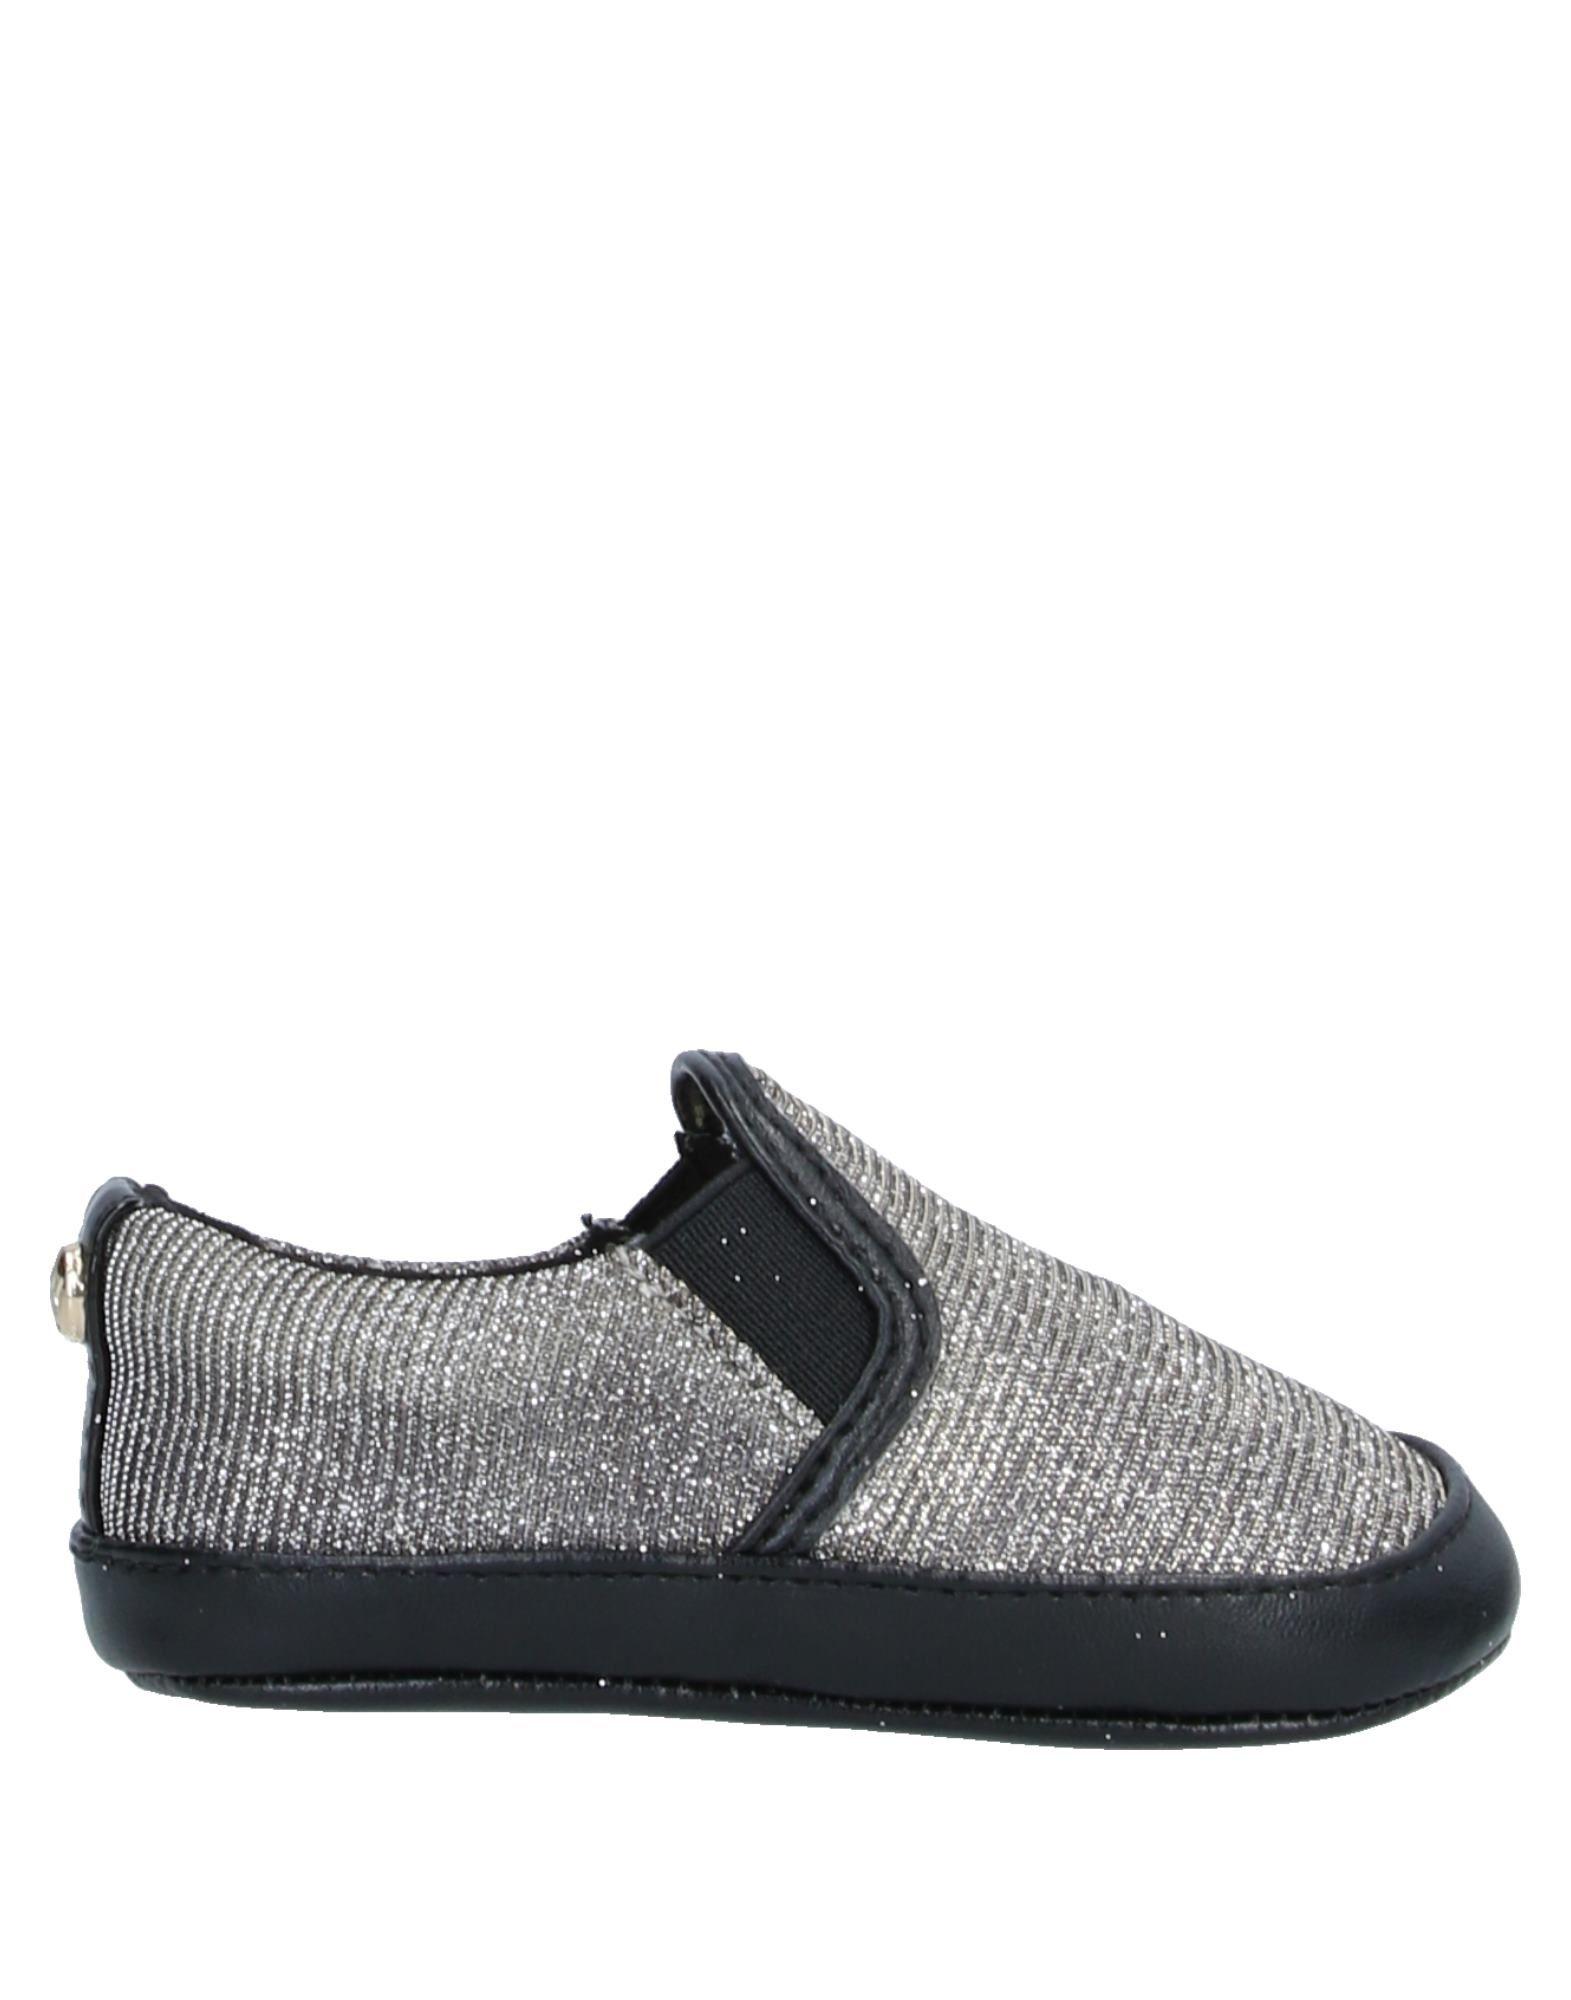 STUART WEITZMAN Обувь для новорожденных